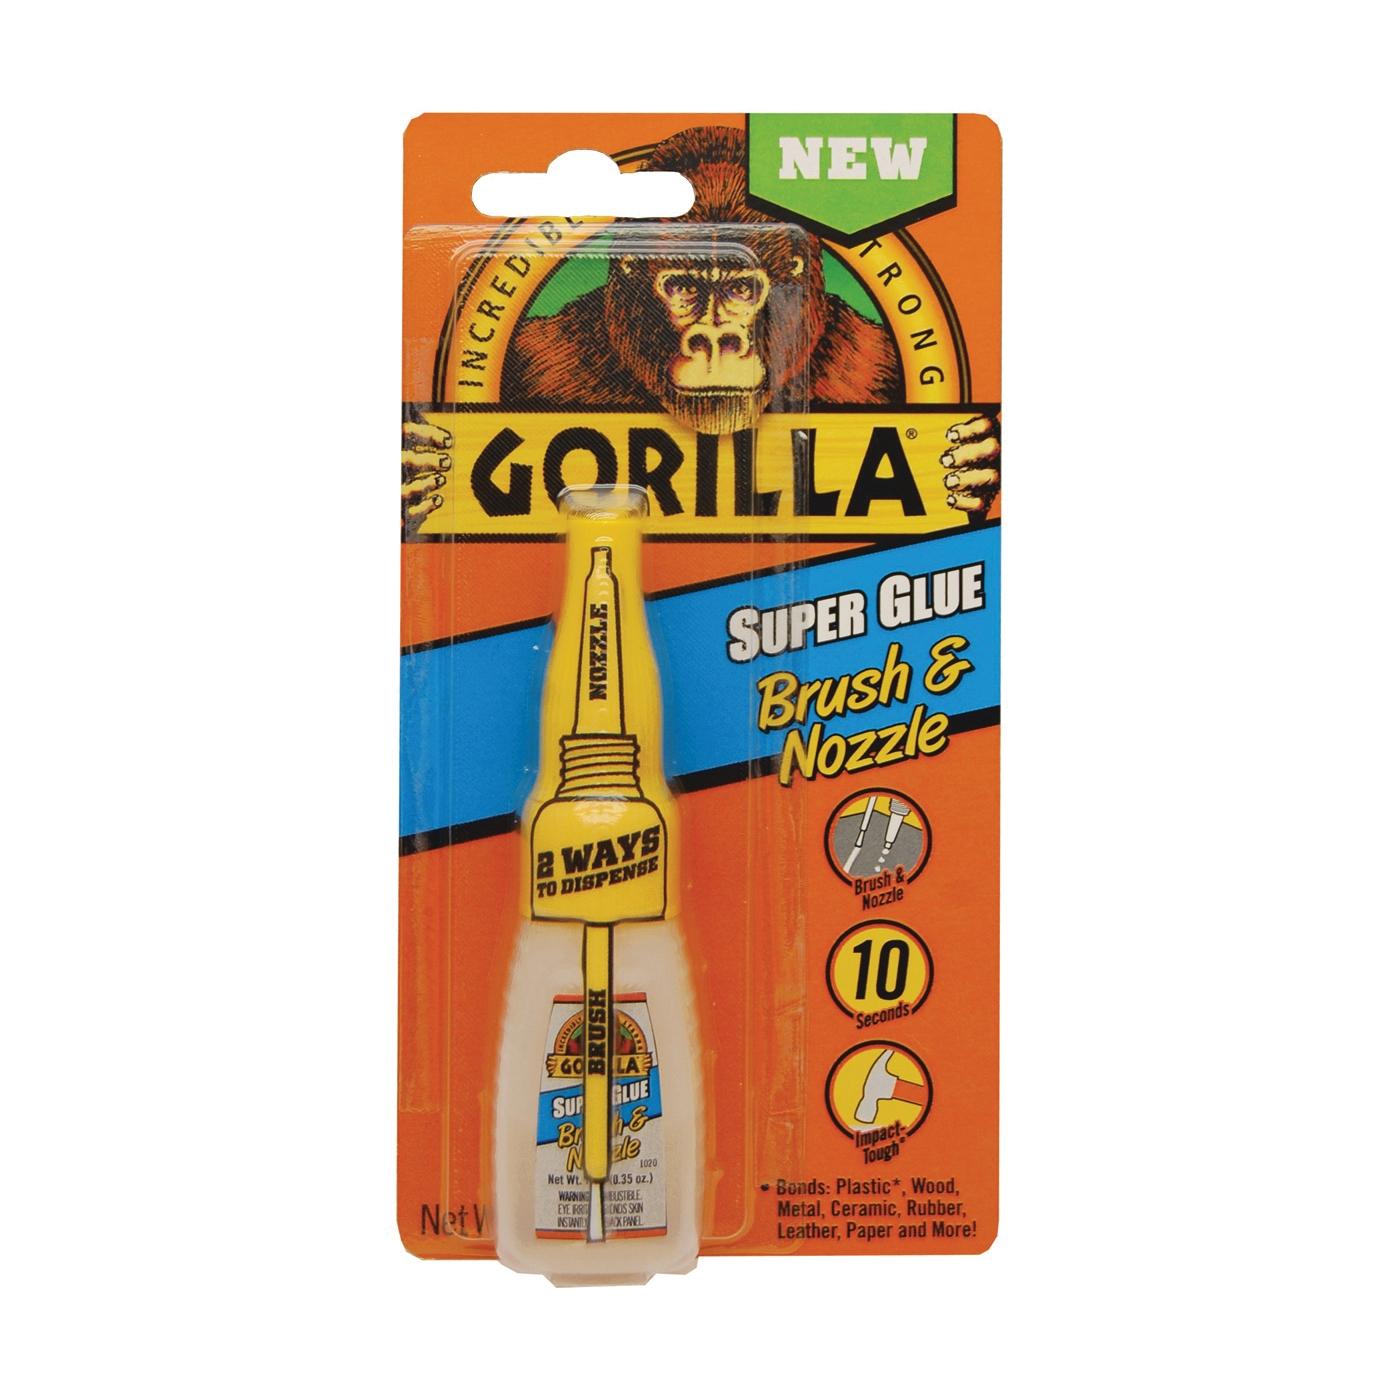 Gorilla 7500102